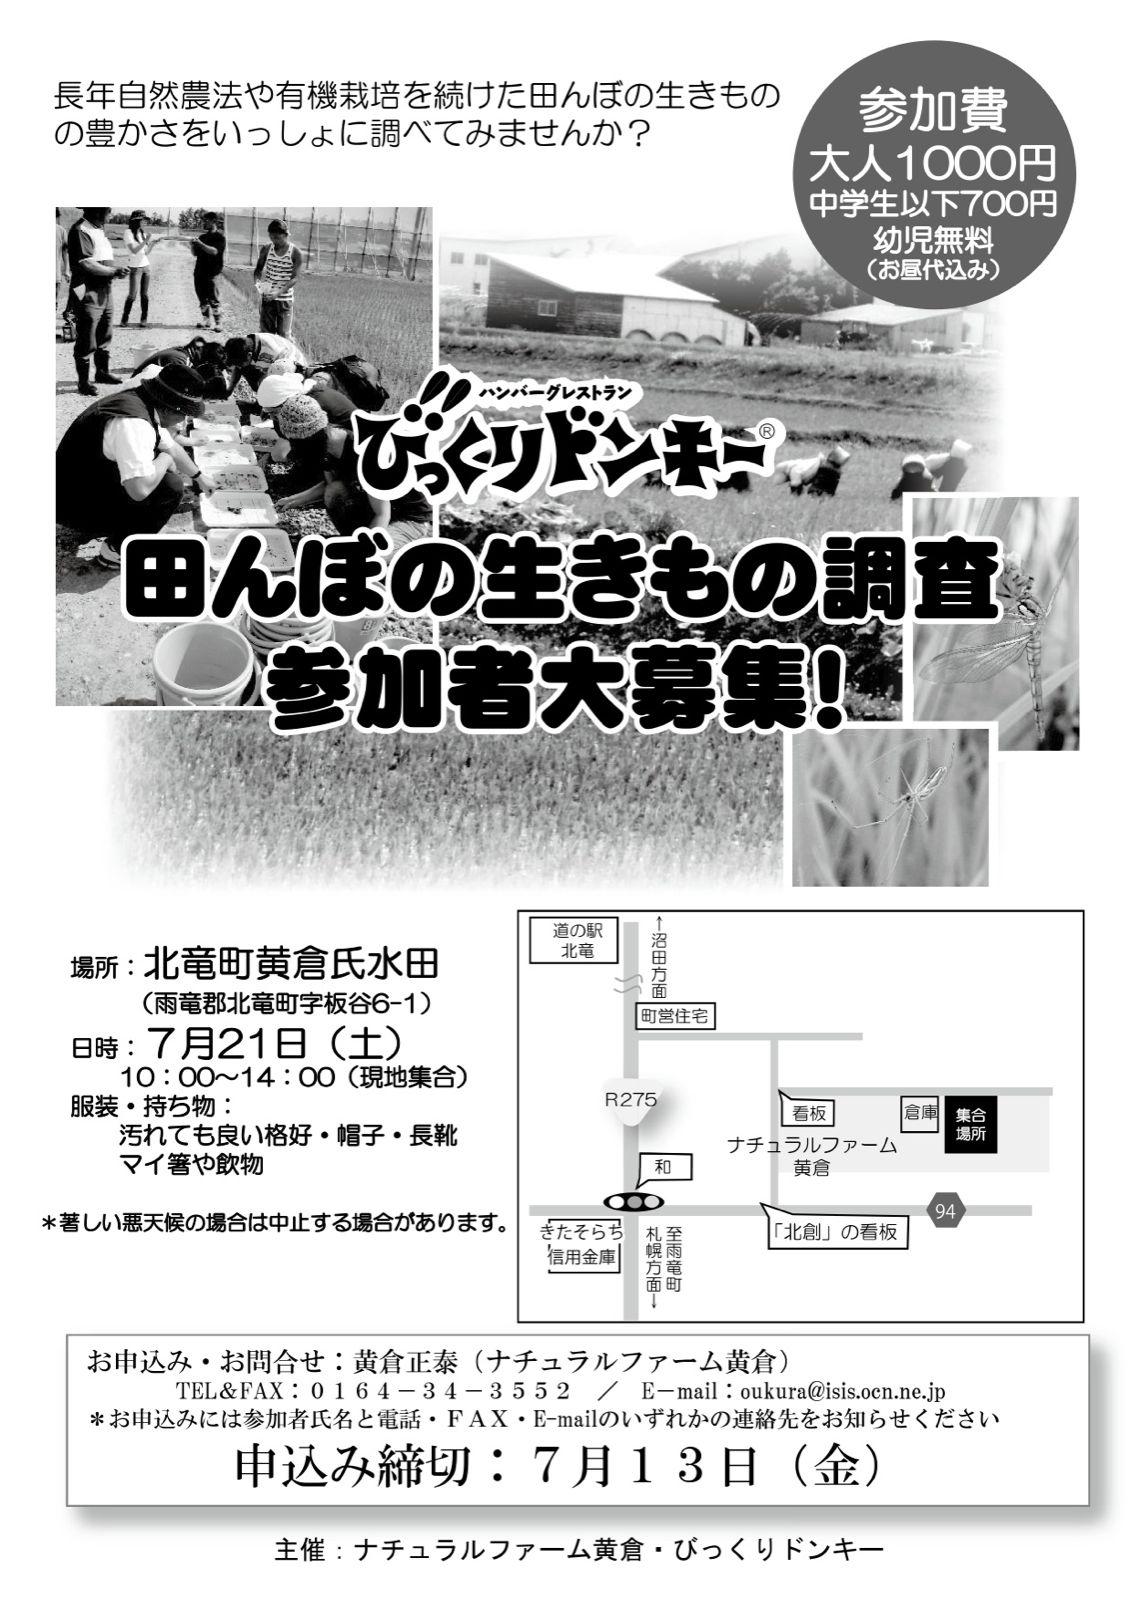 びっくりドンキー・田んぼの生きもの調査2012